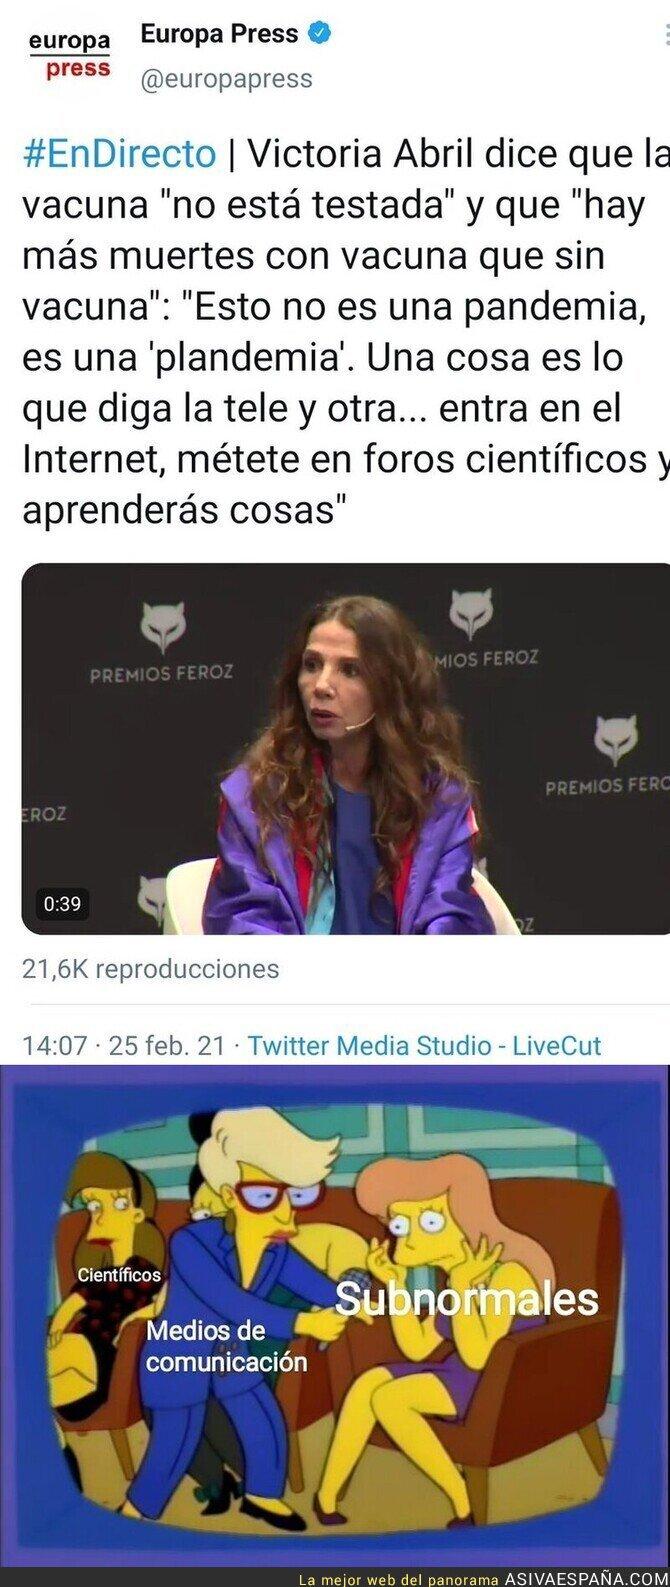 621100 - Victoria Abril otra conspiranoica más